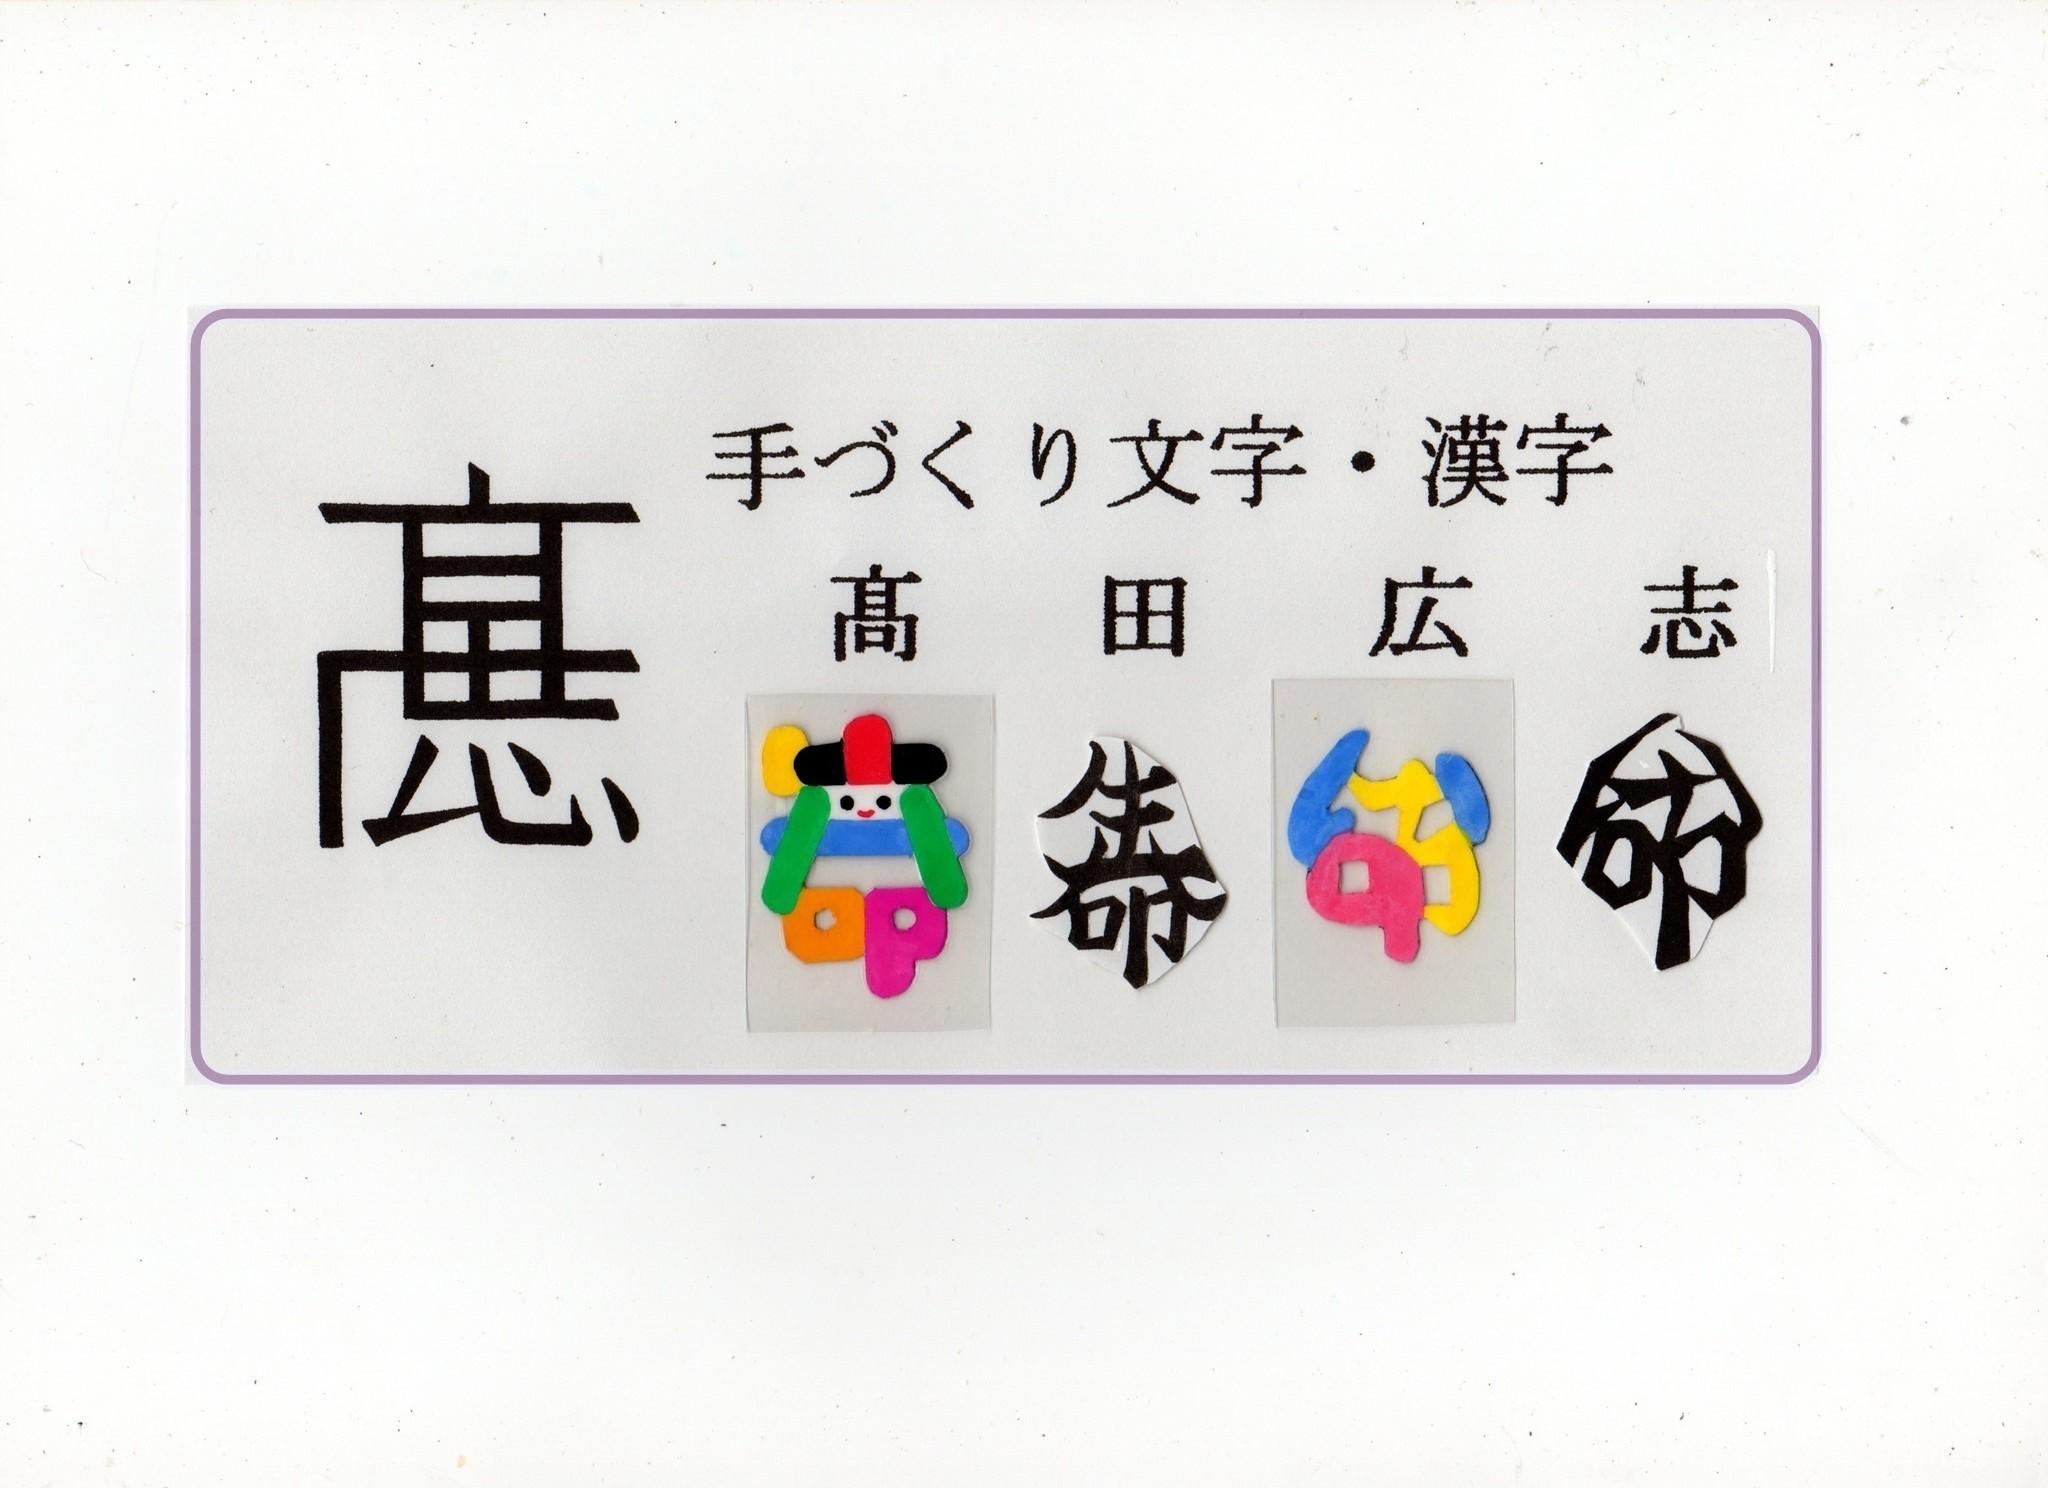 手づくり文字・漢字 髙田広志